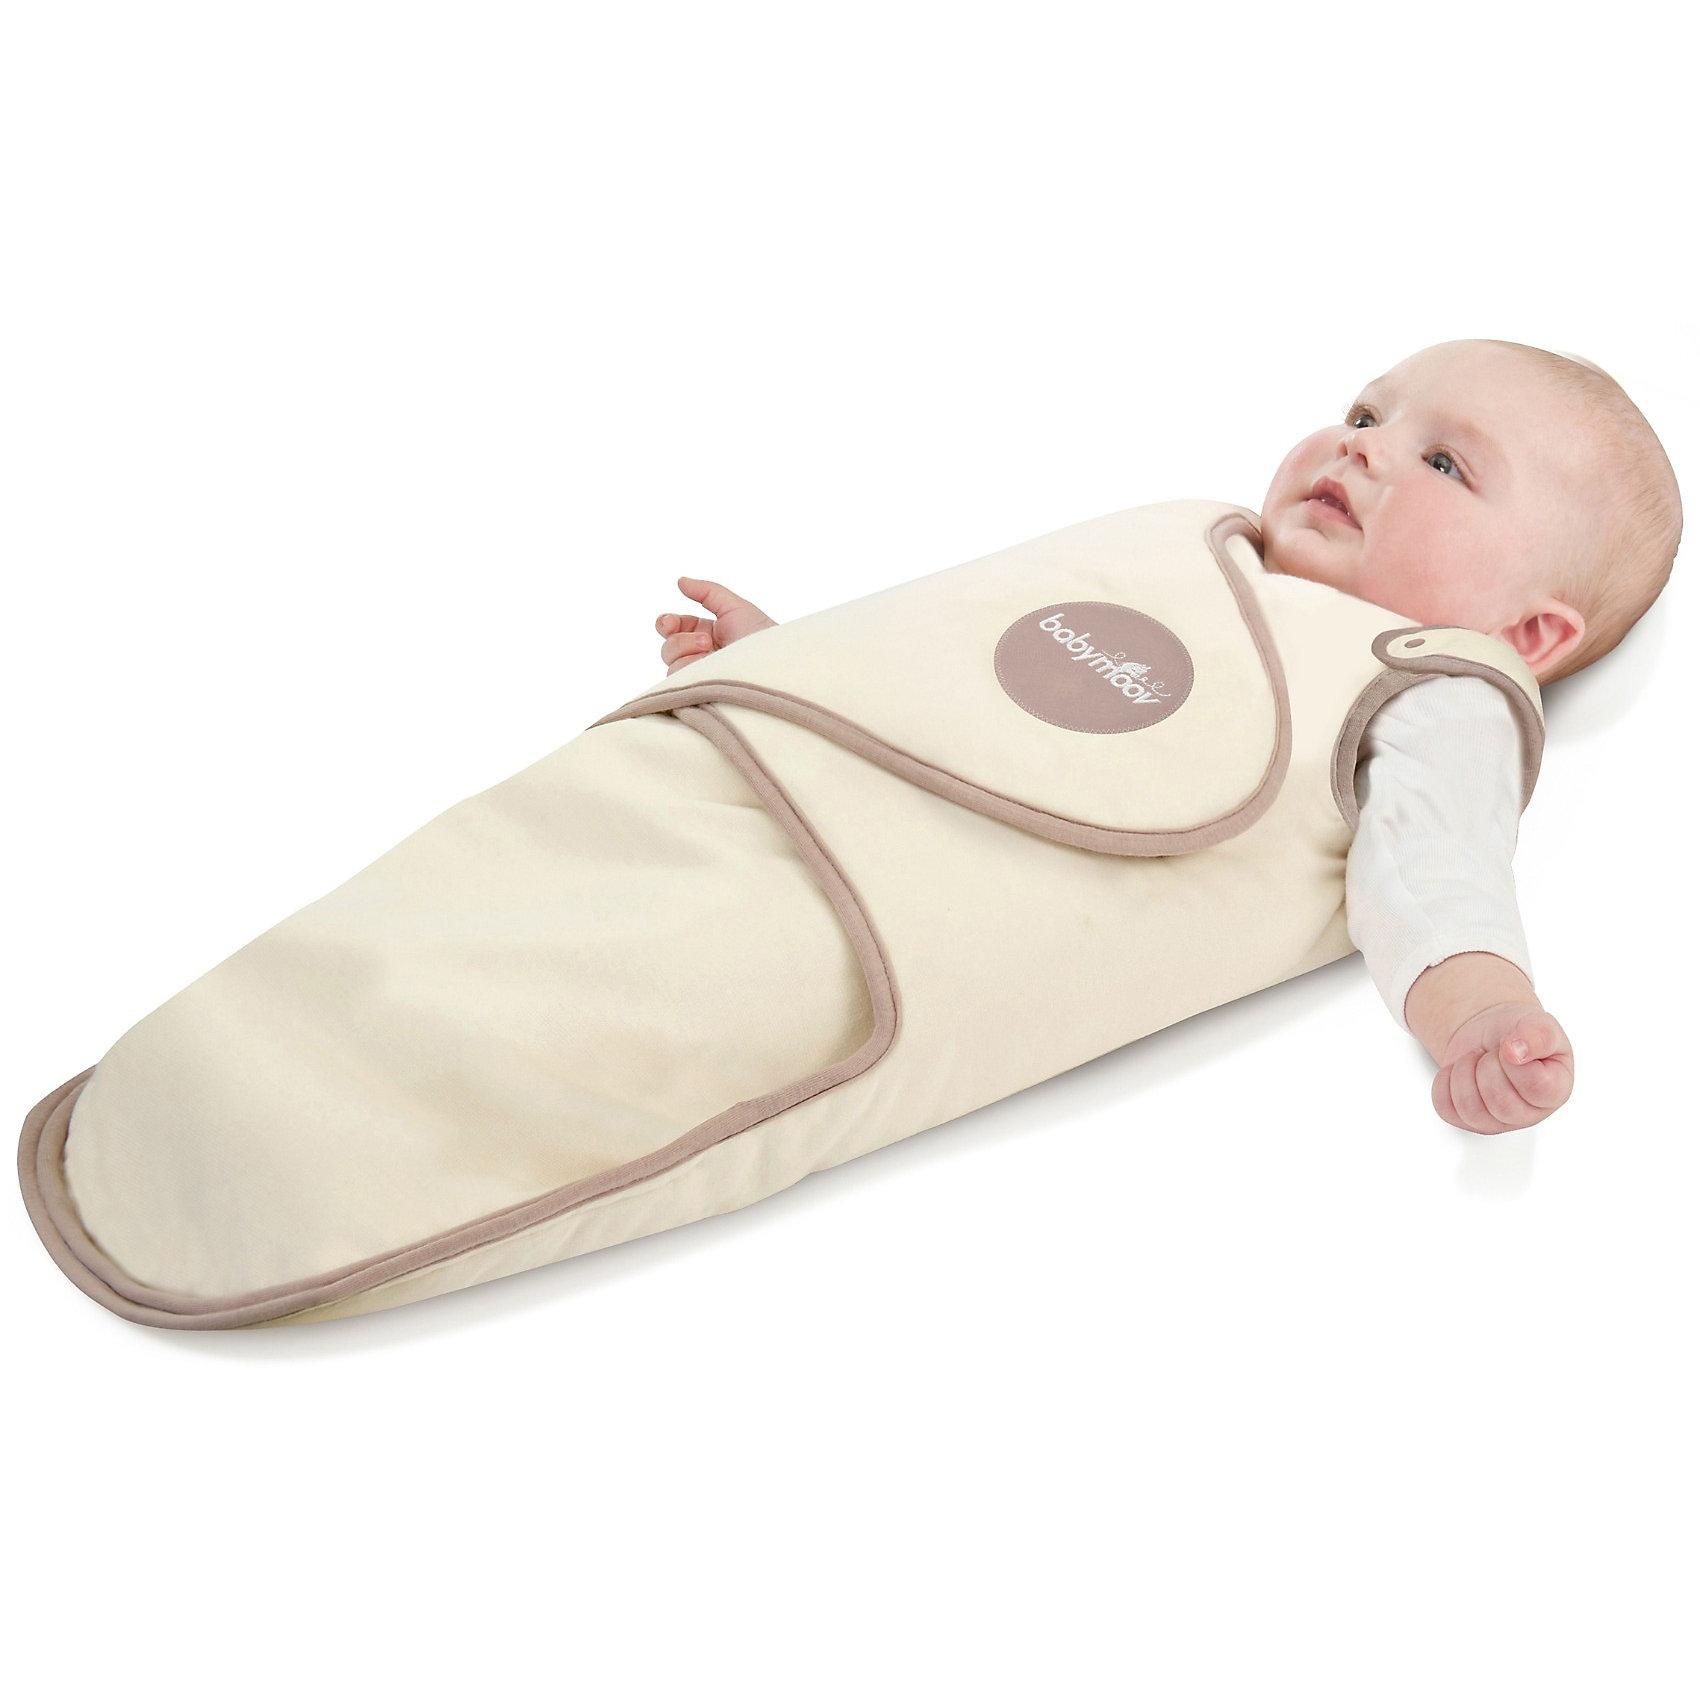 Одеяло для пеленания, Babymoov, от 3-х месяцевОдеяло для пеленания, Babymoov (Бейбимув), от 3-х месяцев – это одеяло для удобного пеленания вашего подросшего малыша.<br>Одеяло для пеленания, выполненное из уникальной «дышащей» ткани, поможет быстро и легко запеленать малыша. Для этого понадобиться всего 4 движения! Также есть возможность отрегулировать тугость пеленания с помощью липучек, которые также помогут надежно зафиксировать одеяло. При этом малыш может исследовать мир, ведь ручки можно не закутывать. В составе ткани 100% хлопок, что является очень важно для здоровья малыша, ведь в этом возрасте кожа очень нежная и ей необходимы соприкосновения только с мягкими материалами. Можно стирать в стиральной машине при температуре 30?.<br><br>Дополнительная информация:<br><br>- Материал: 100% хлопок<br>- Размер: 75х32х2 см<br><br>Одеяло для пеленания, Babymoov (Бейбимув), от 3-х месяцев можно купить в нашем интернет-магазине.<br><br>Ширина мм: 654<br>Глубина мм: 327<br>Высота мм: 58<br>Вес г: 328<br>Цвет: бежевый<br>Возраст от месяцев: 3<br>Возраст до месяцев: 6<br>Пол: Унисекс<br>Возраст: Детский<br>SKU: 3372800